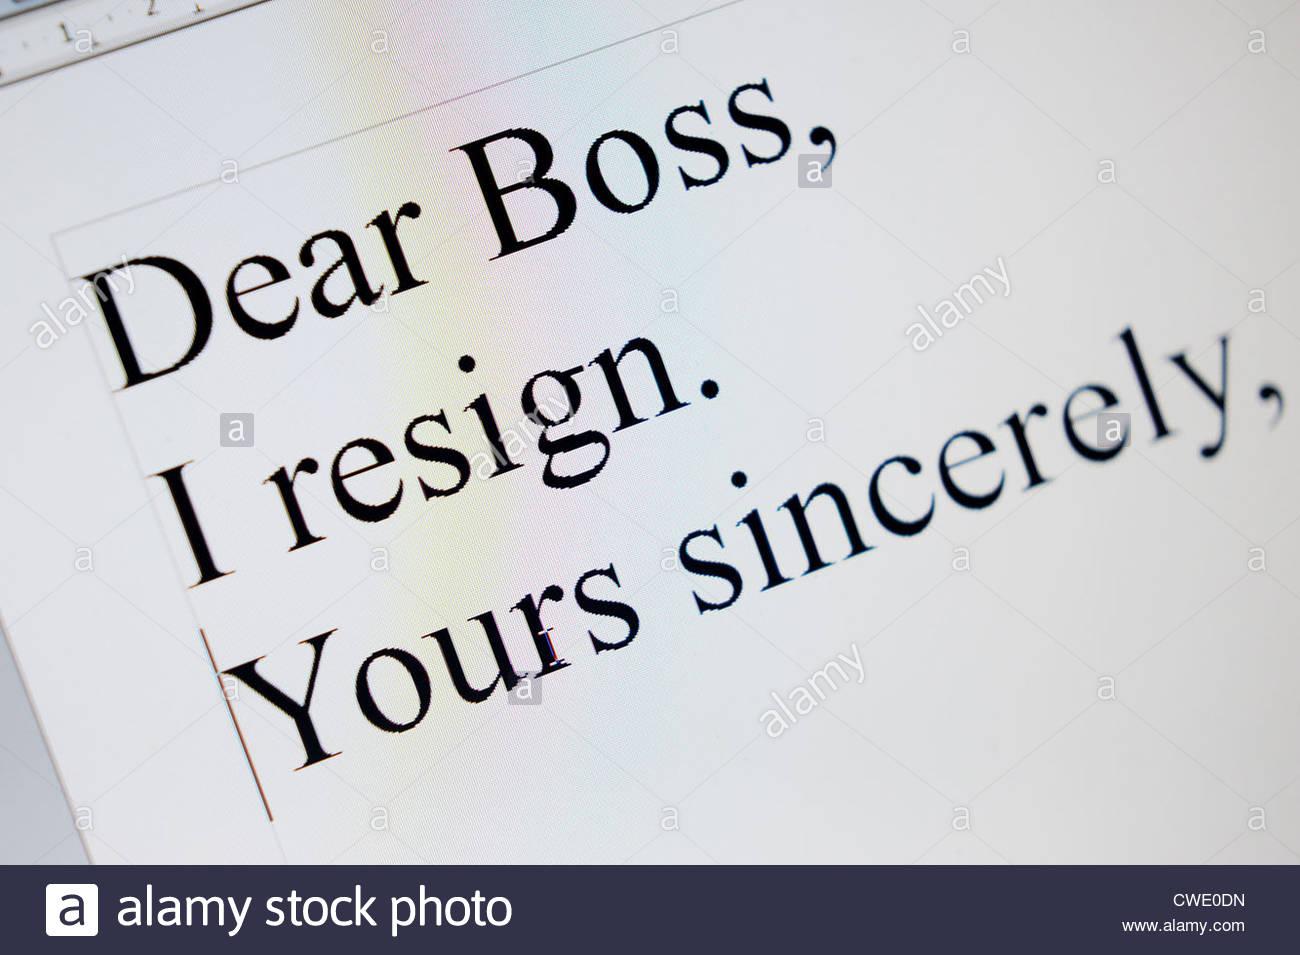 Resignation letter. - Stock Image